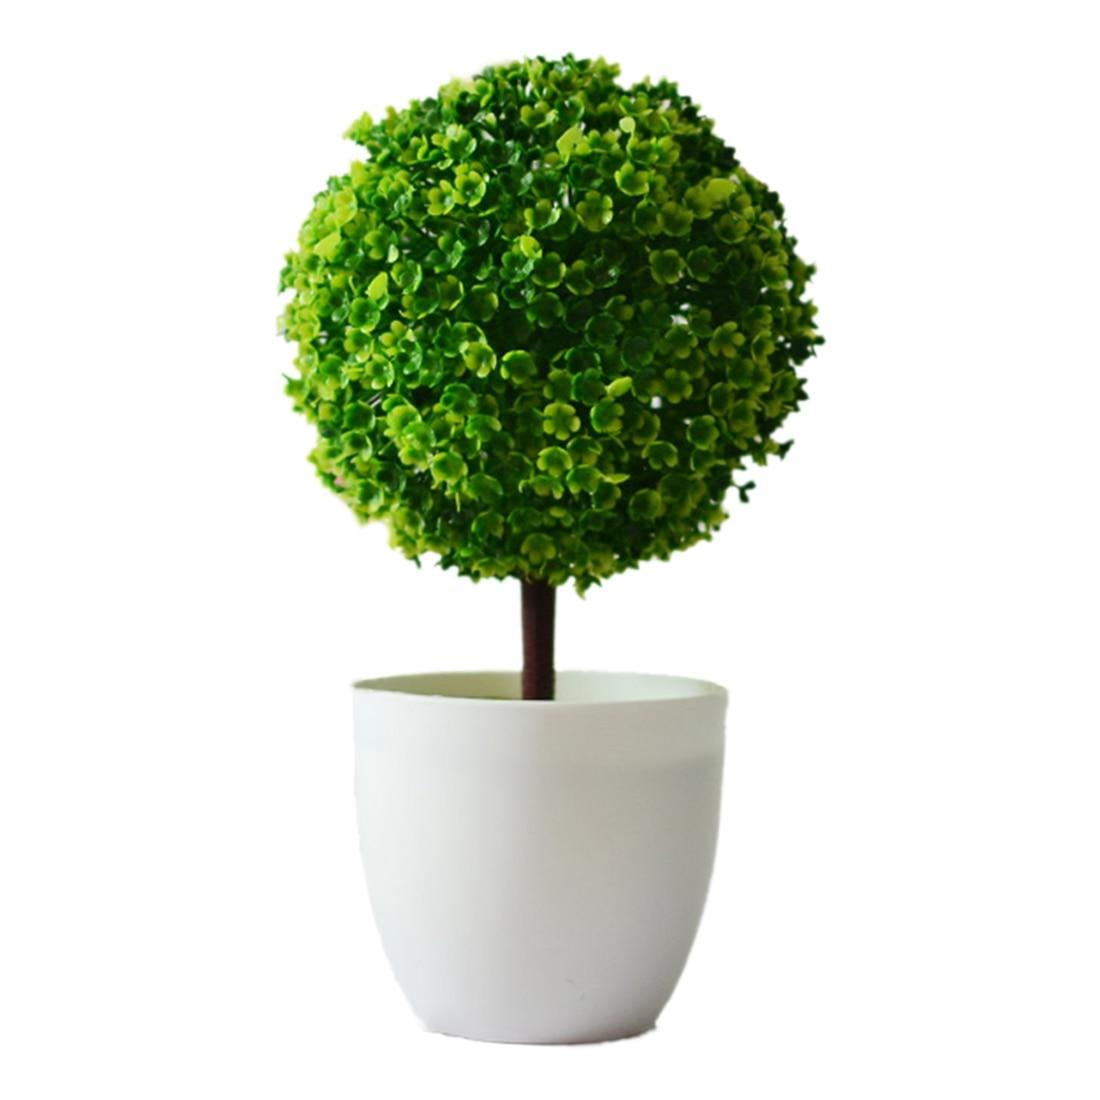 Erstaunlich Grüne Pflanzen Das Beste Von Künstliche Ball Bonsai Kann Wäscht Dekorative Grüne